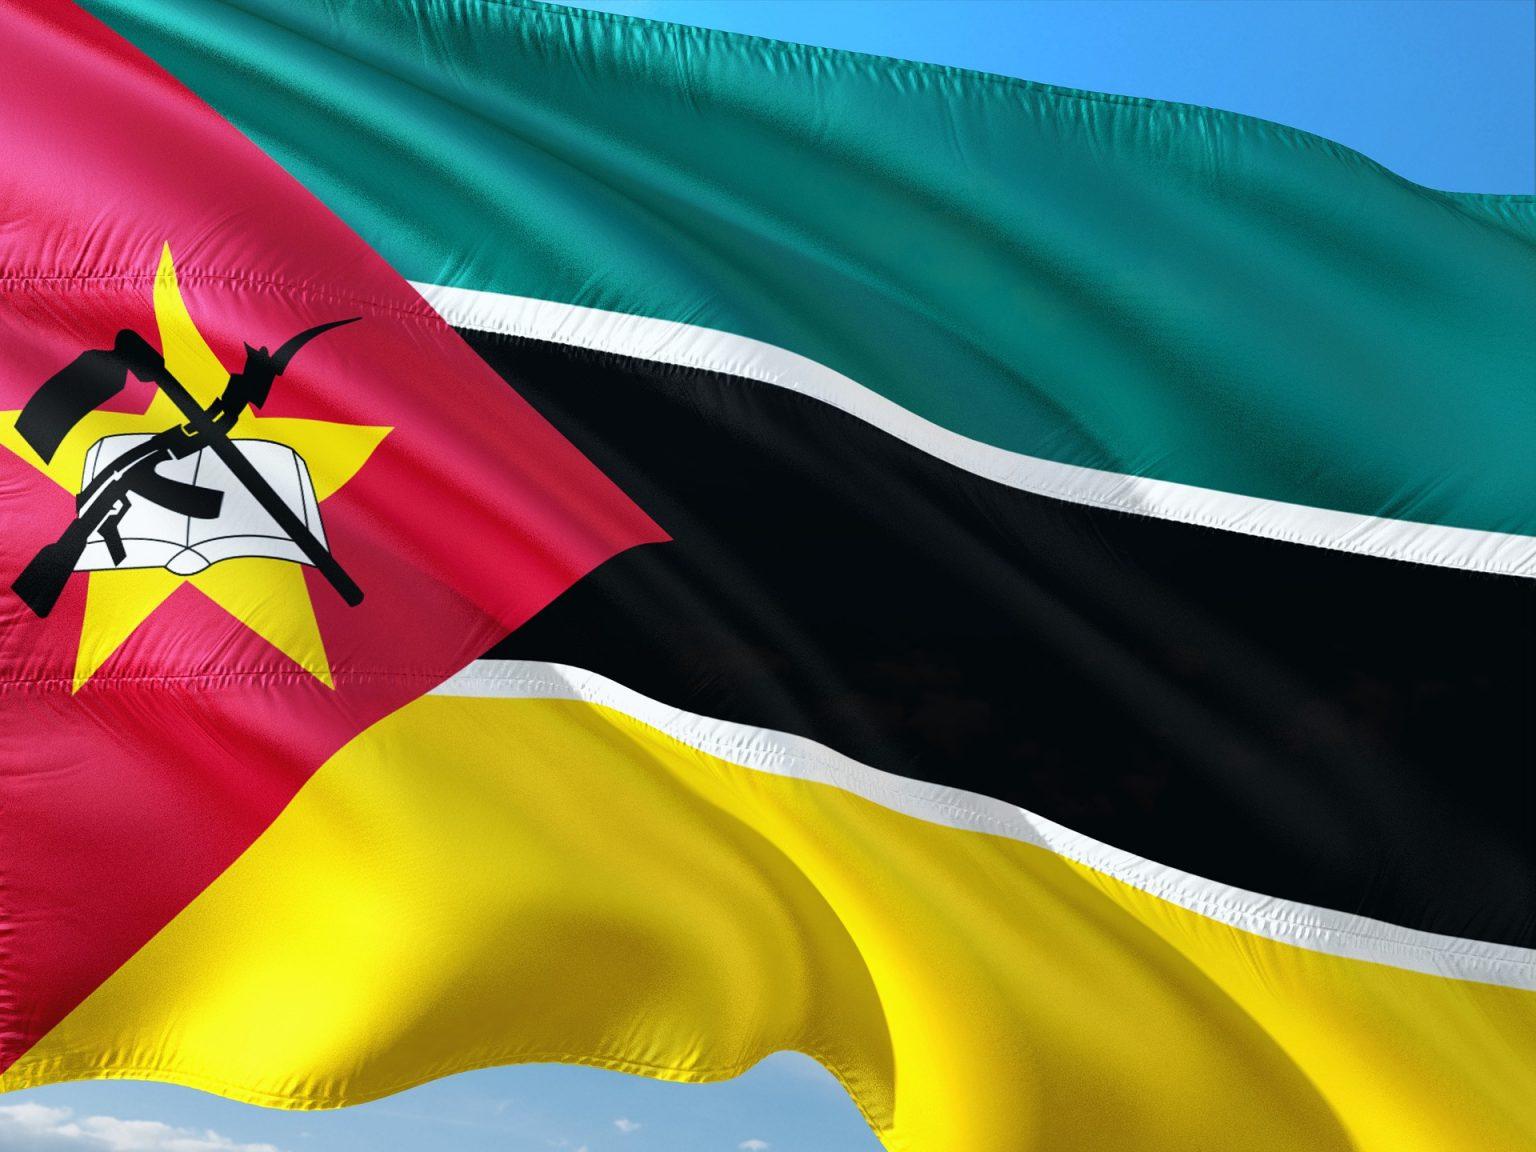 Moçambique: Governador de Cabo Delgado apela à vigilância sobre boatos ligados às forças estrangeiras